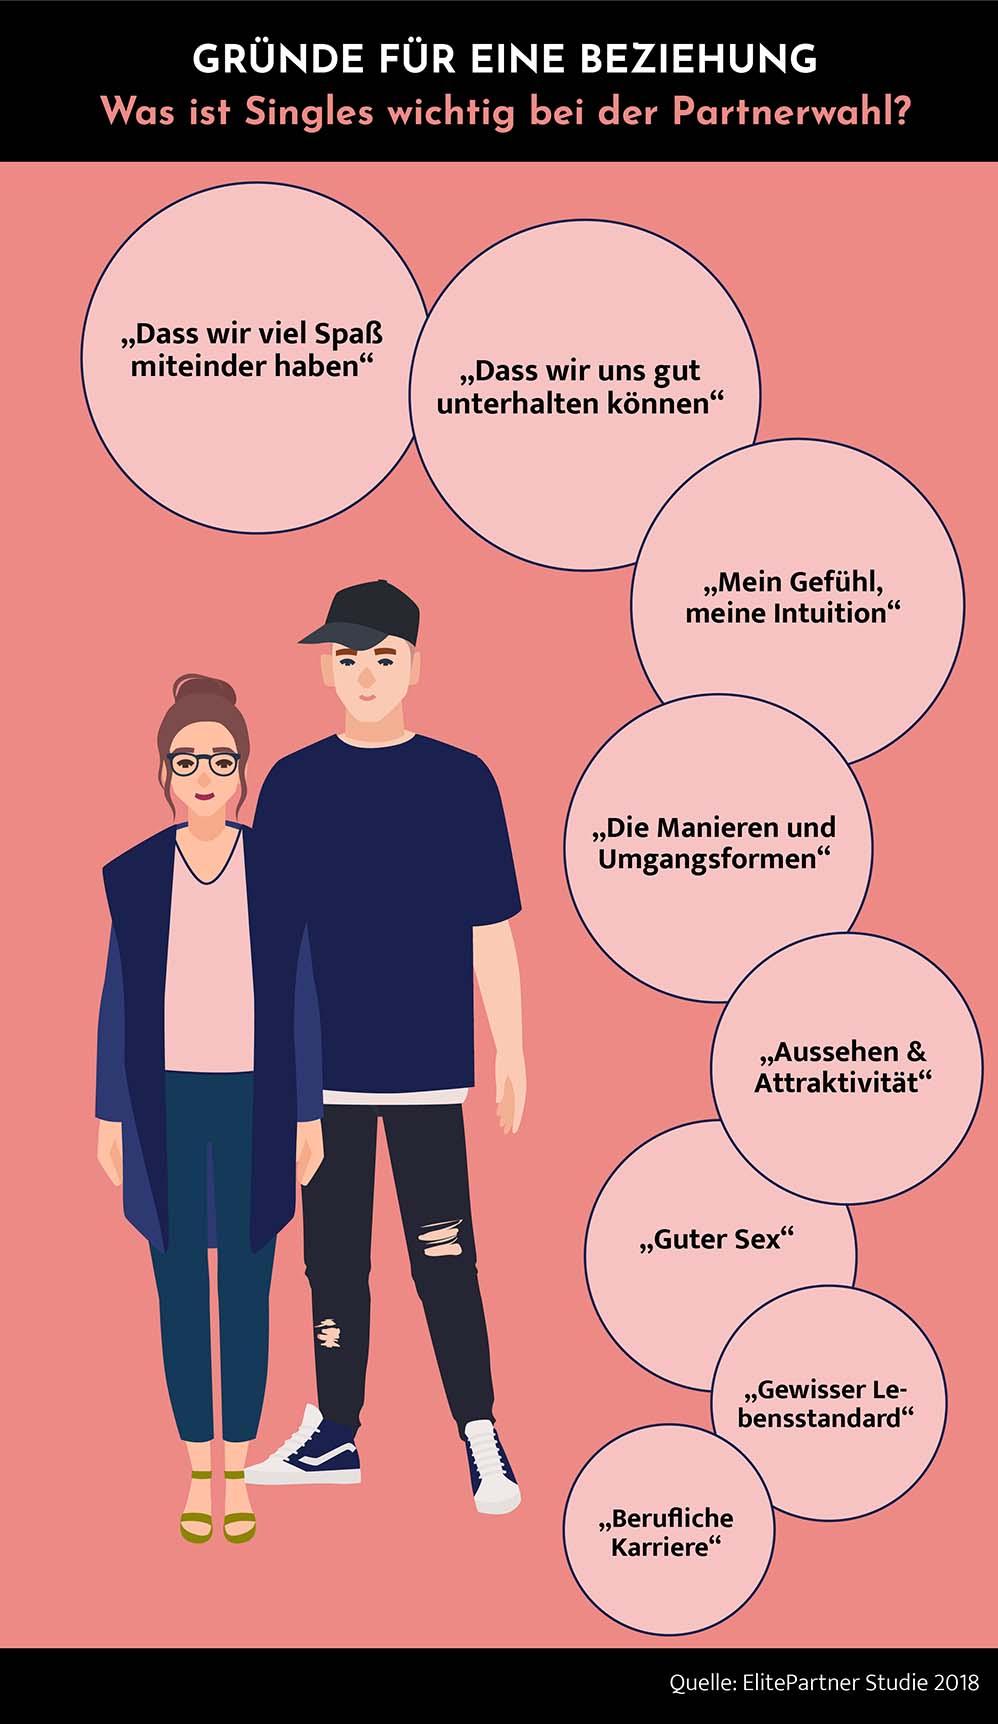 Infografik: Was ist Singles wichtig bei der Partnerwahl. Dass wir Spaß haben. Dass wir uns unterhalten können. Mein Gefühl, meine Intuition. Die Manierung und Umgangsformen. Aussehen und Attraktivtät. Guter Sex. Gewisser Lebensstandard. Berufliche Karriere.